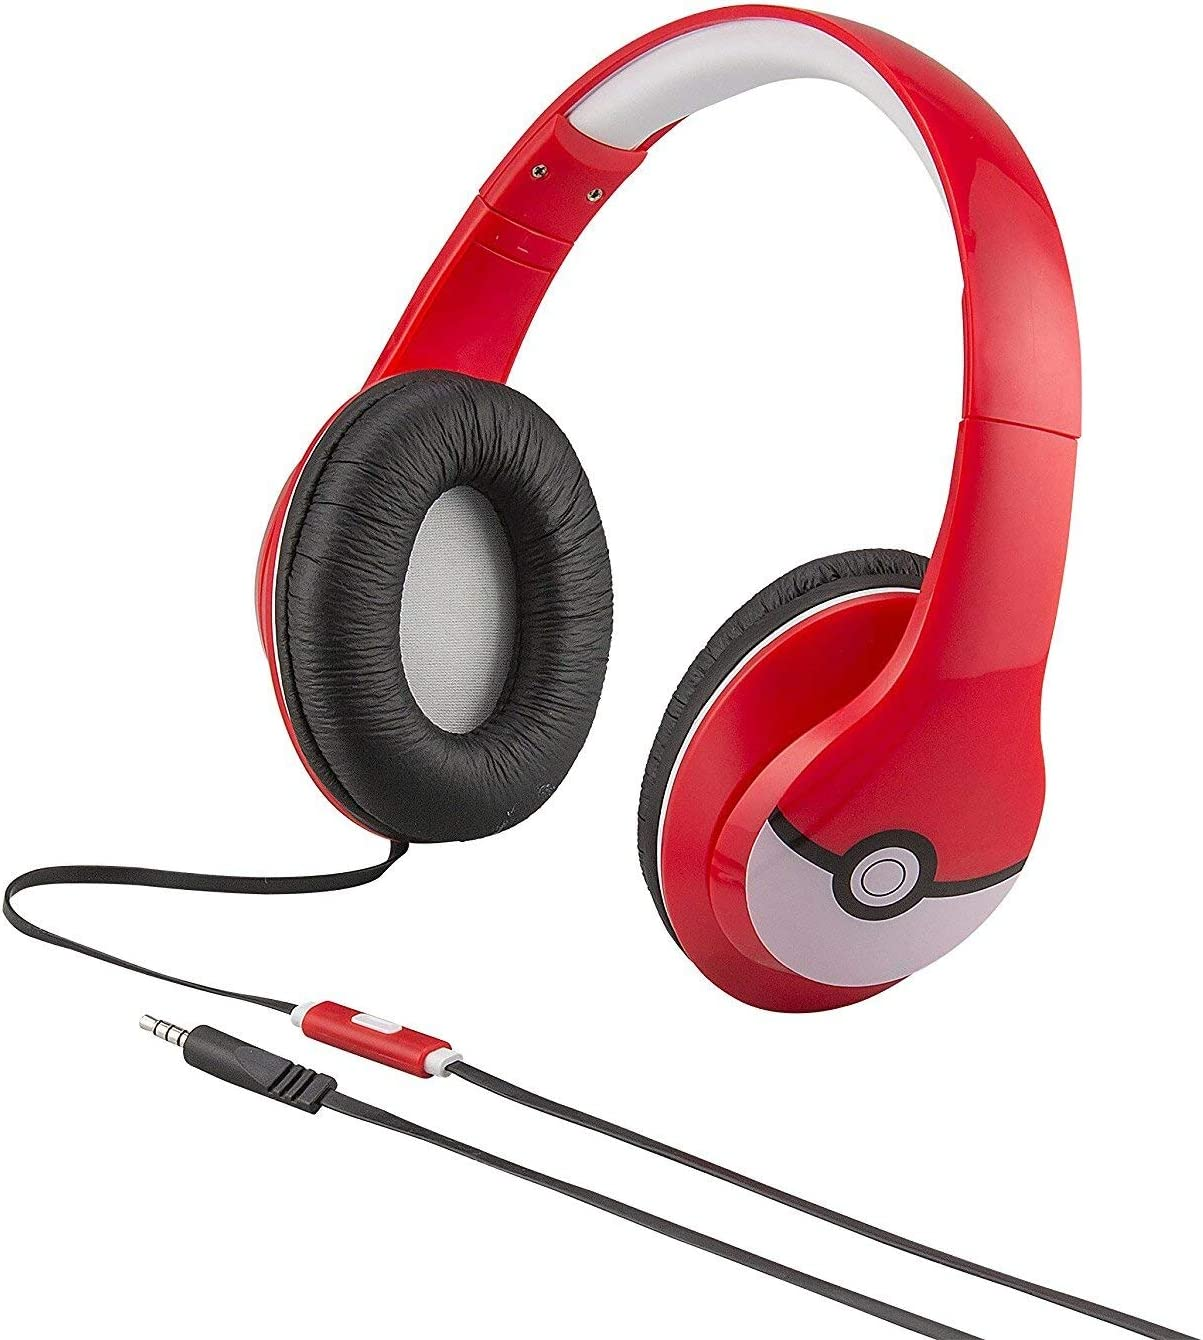 Pokémon Over-The-Ear Headphones